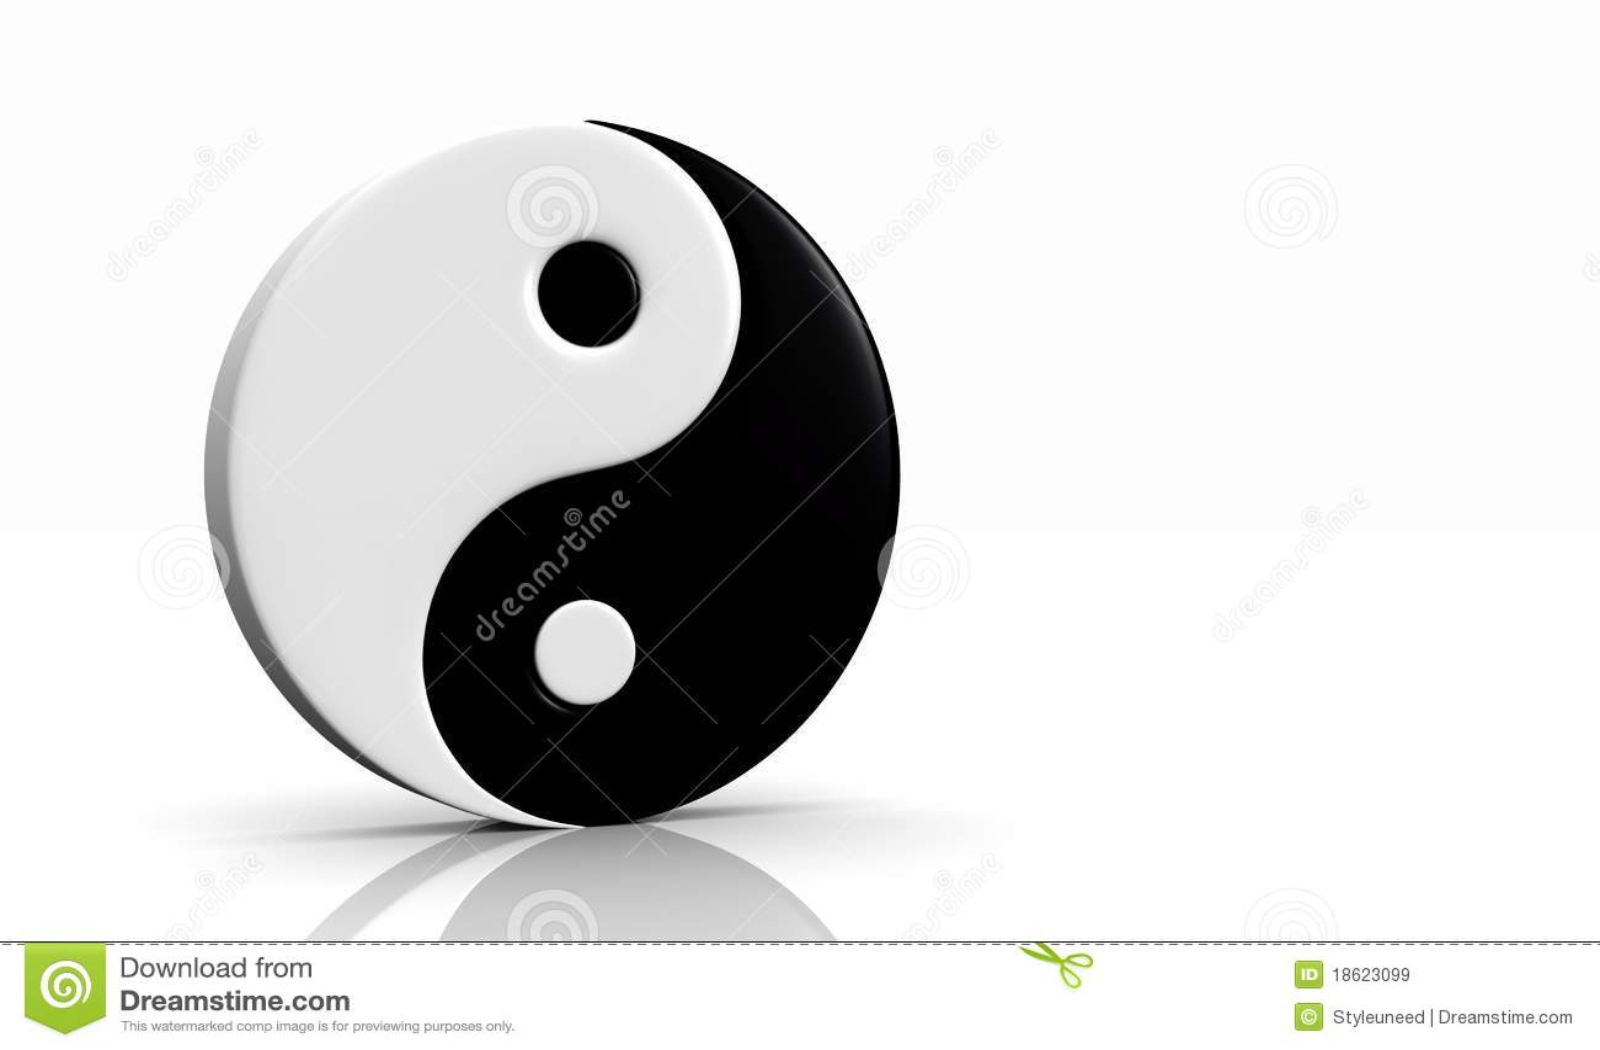 3d tao symbol stock image 5790355. Black Bedroom Furniture Sets. Home Design Ideas